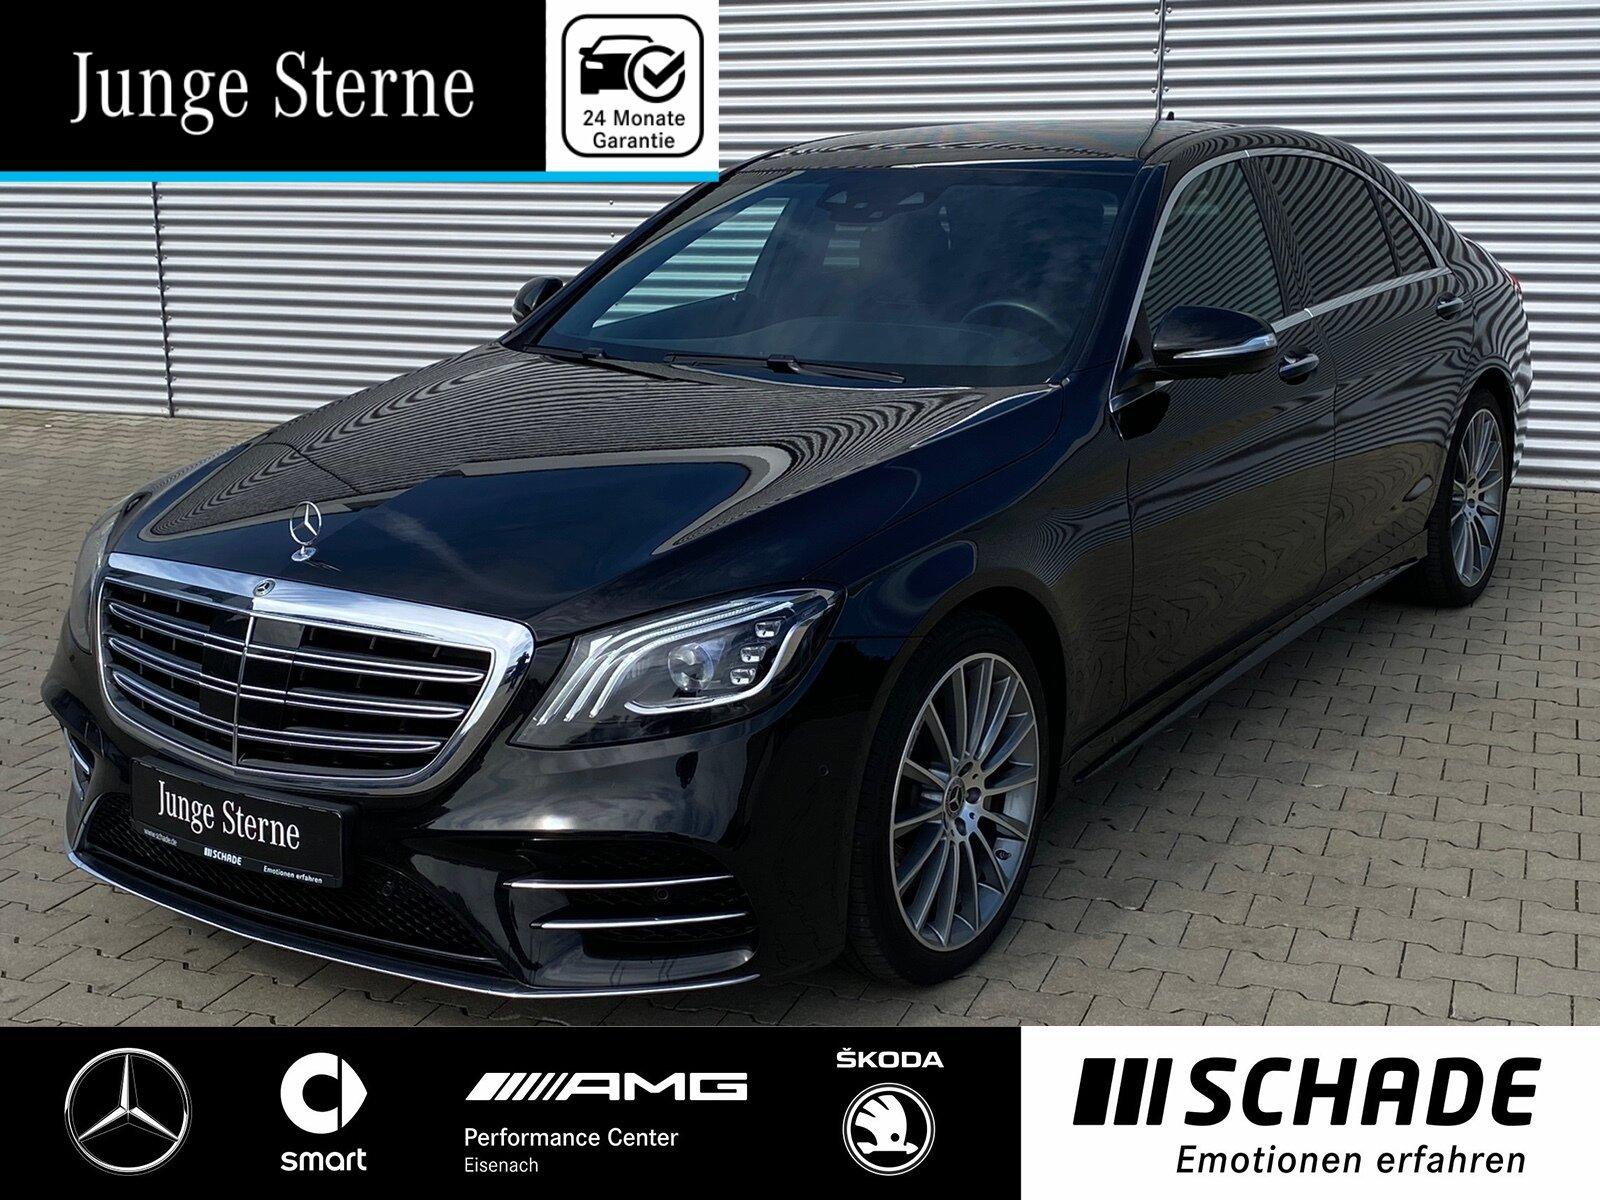 Mercedes-Benz S 400 d 4M Lang AMG Line Standhz*Distronic*Sound, Jahr 2018, Diesel